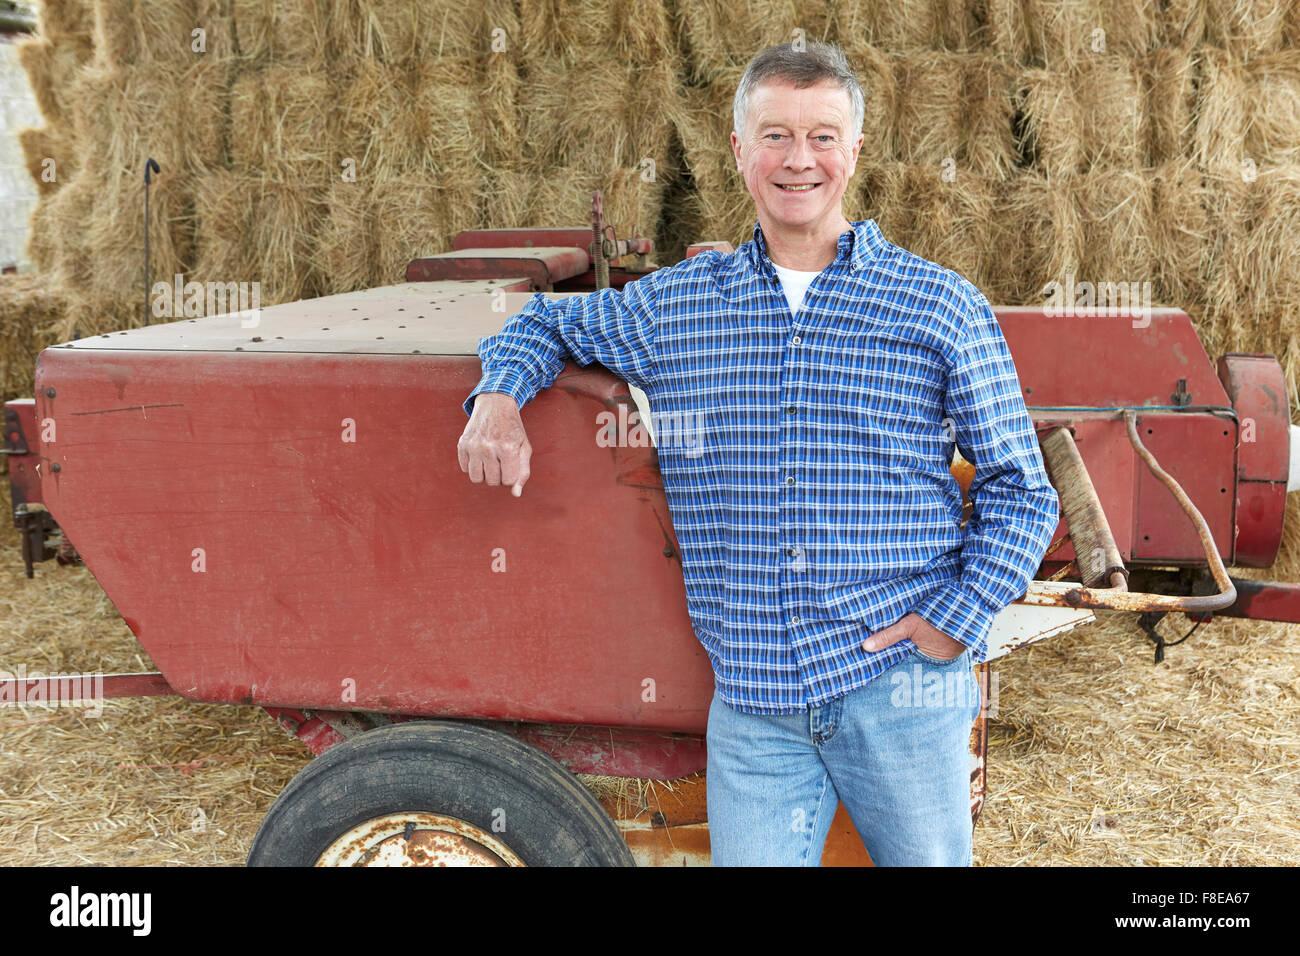 Agricoltore in piedi di fronte a balle e le vecchie attrezzature agricole Immagini Stock